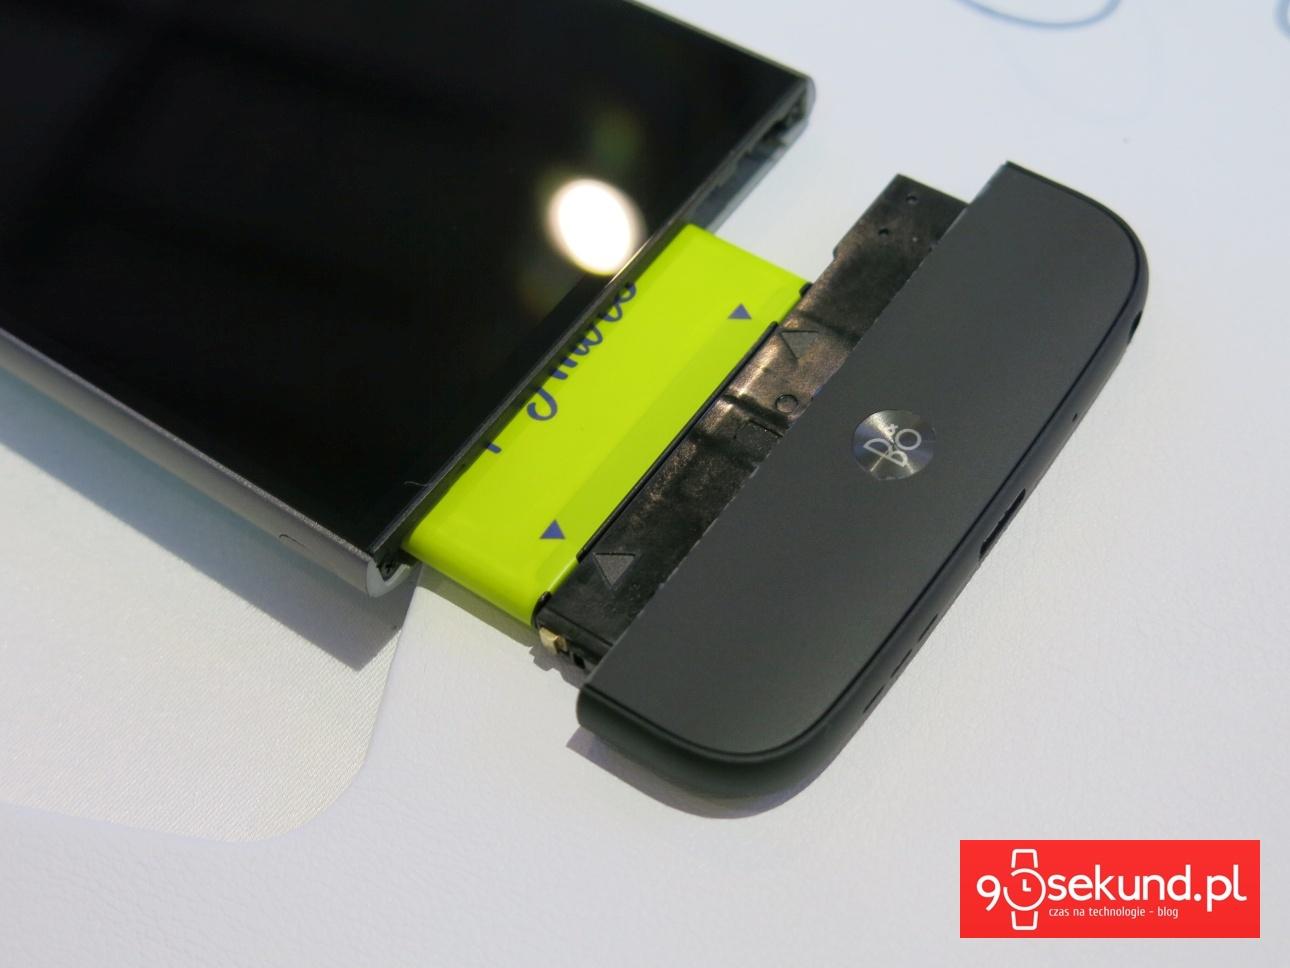 LG Hi-Fi Plus - moduł dźwiękowy od B&O PLAY do LG G5 - 90sekund.pl